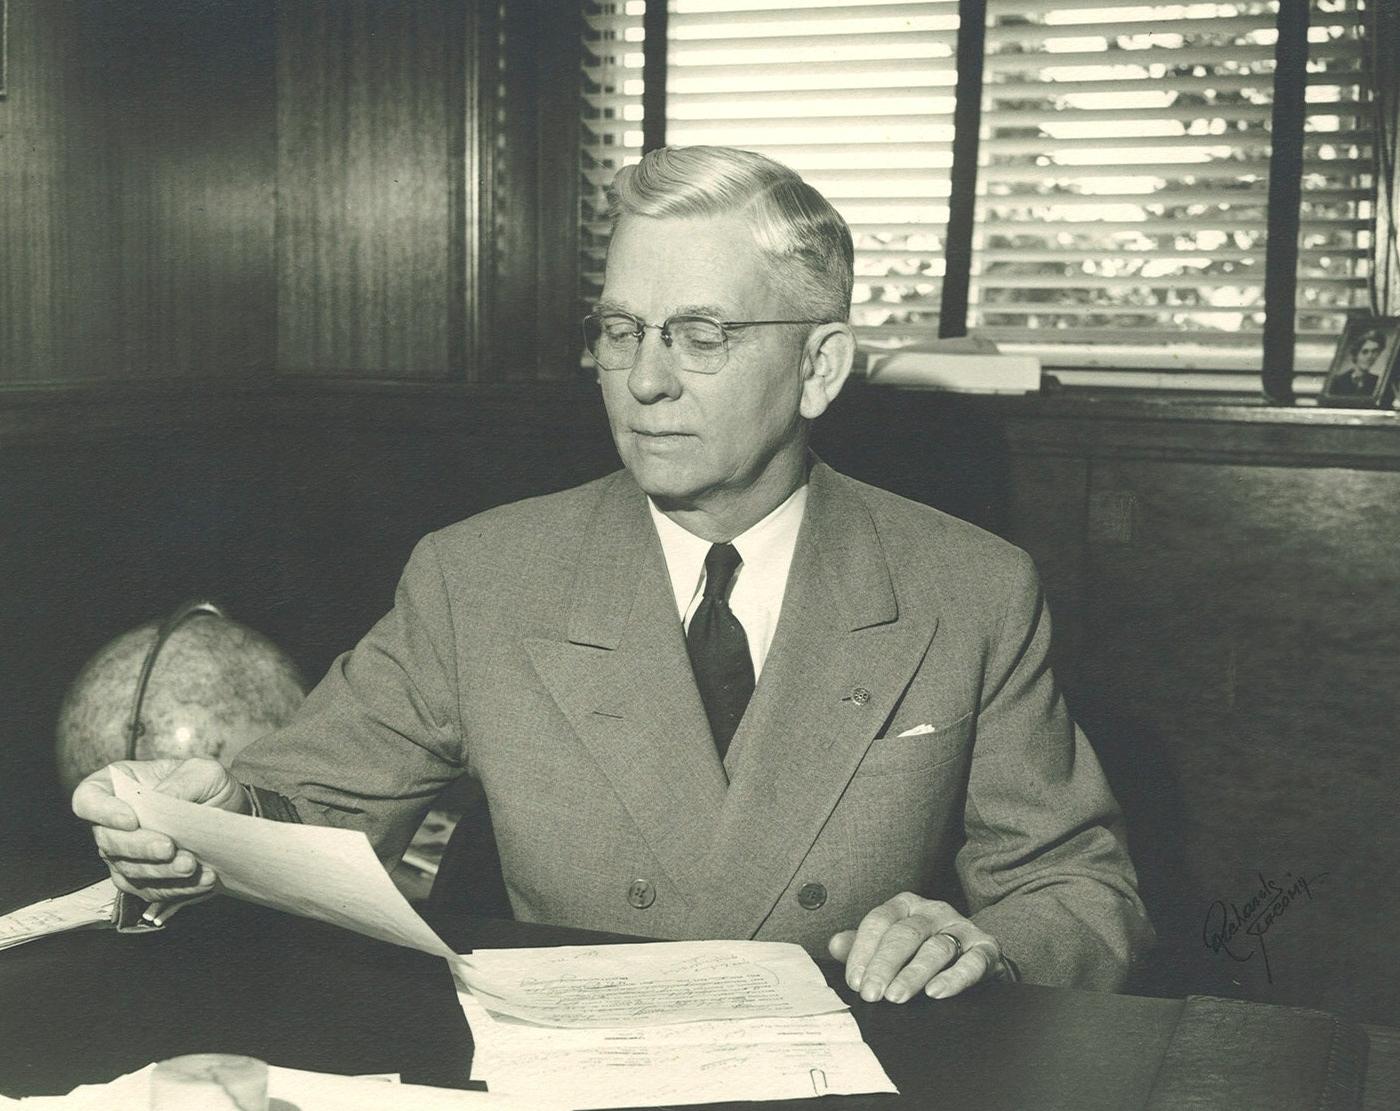 J. CLIFFORD HALEY